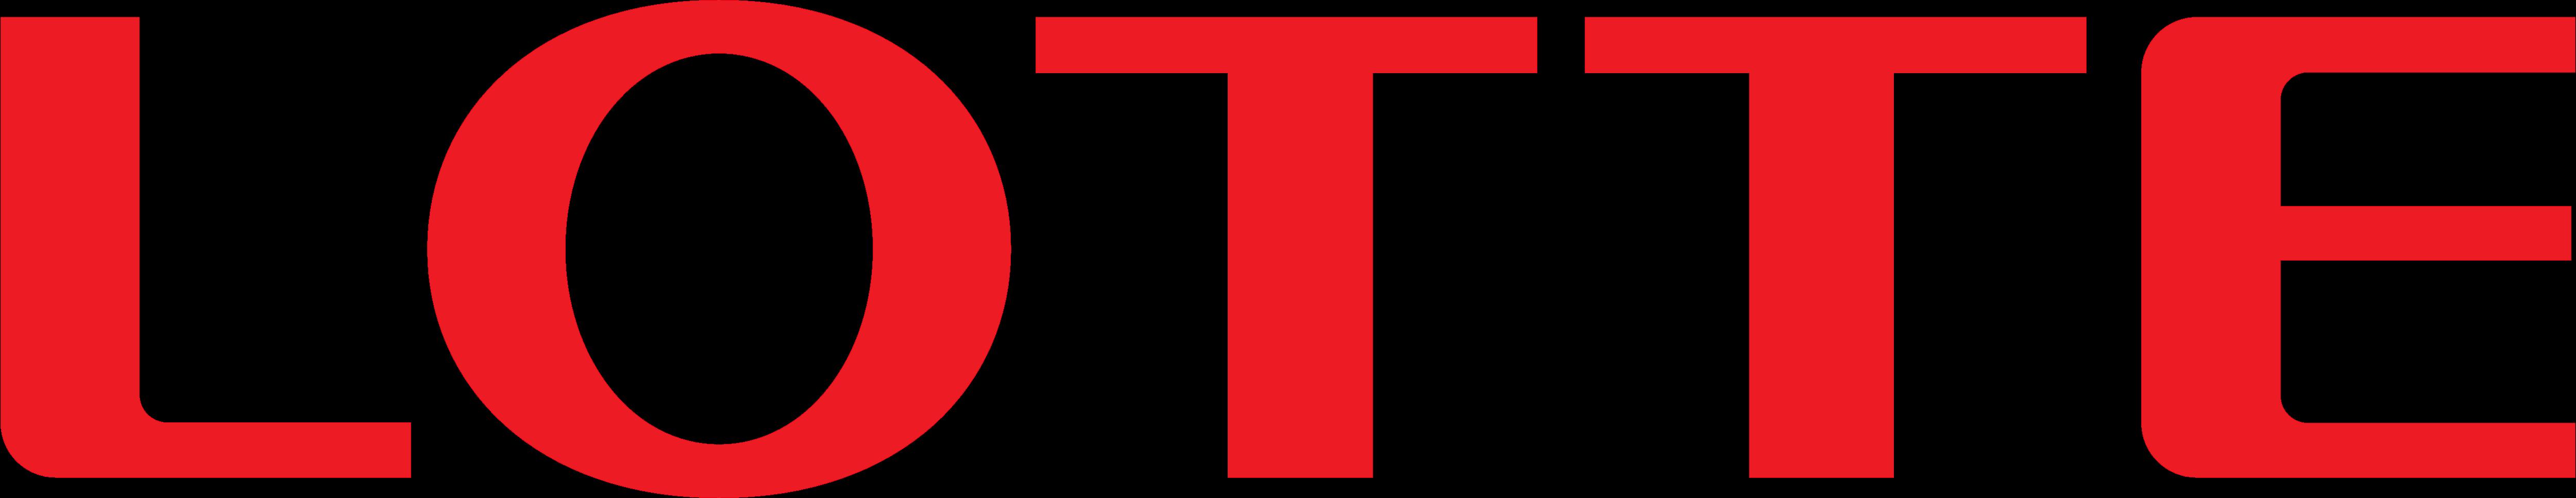 Lotte – Logos Download